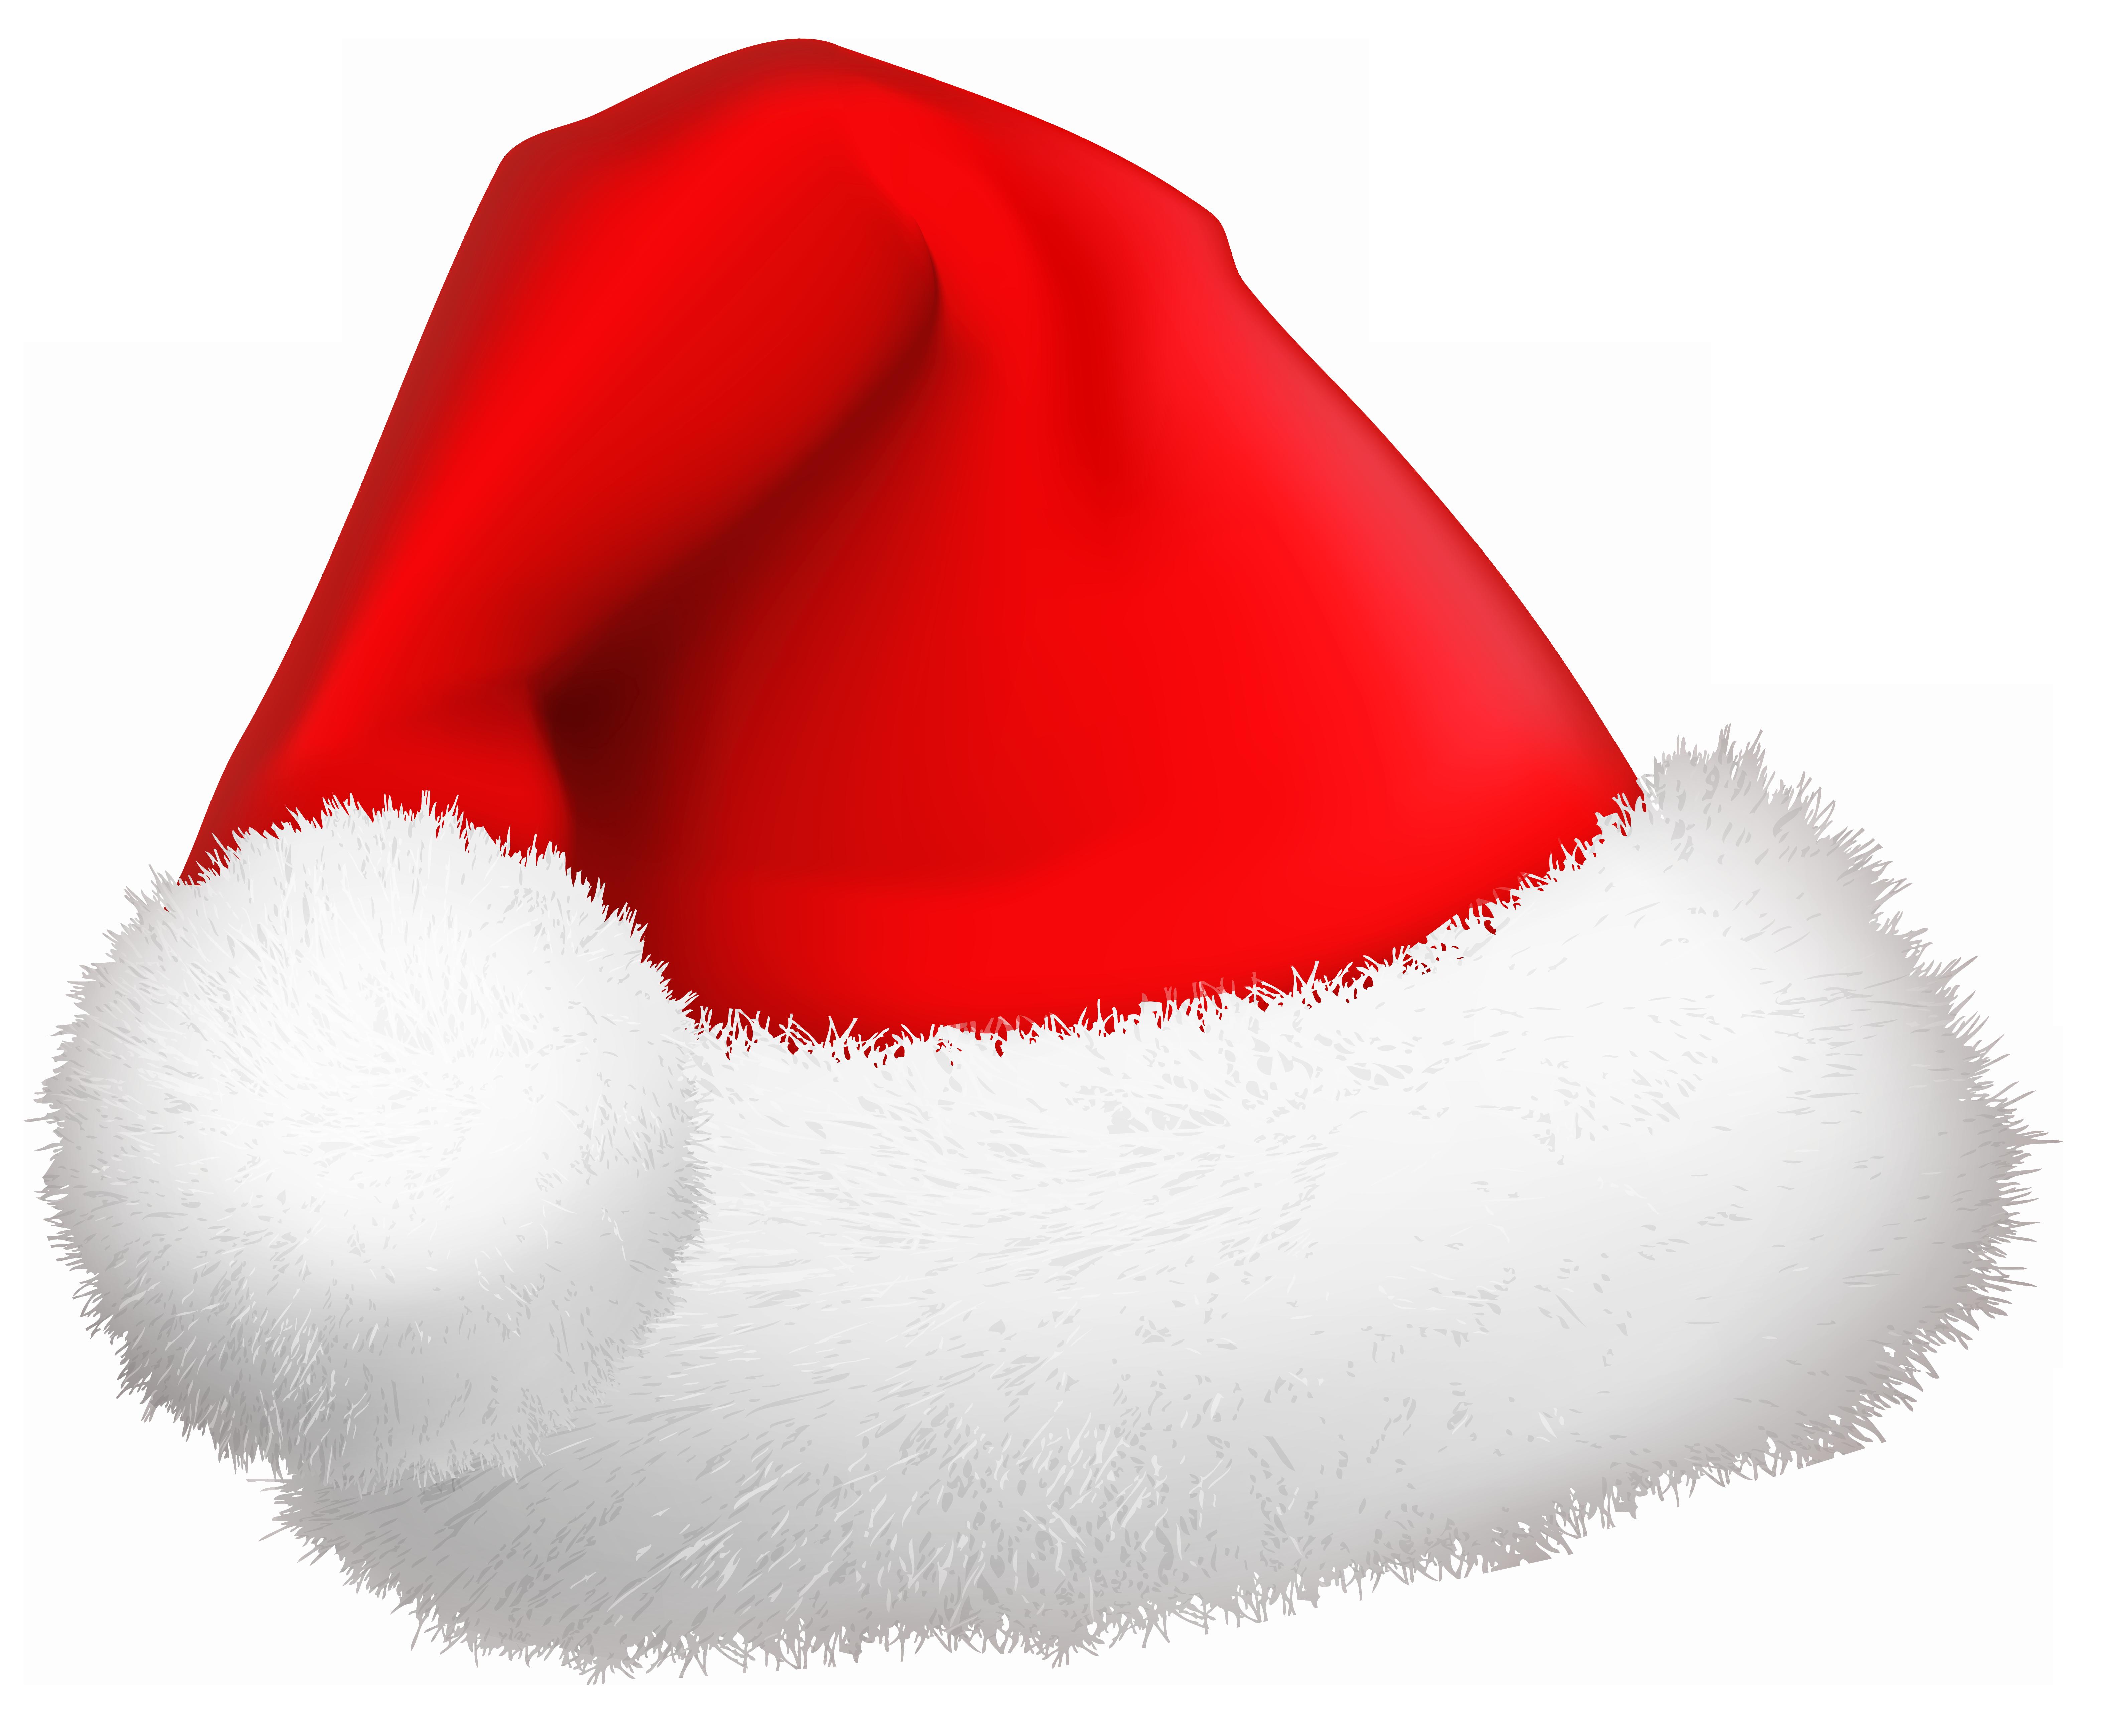 Christmas Santa Hat Png Clip Art Image Santa Claus Hat Vintage Christmas Images Santa Hat